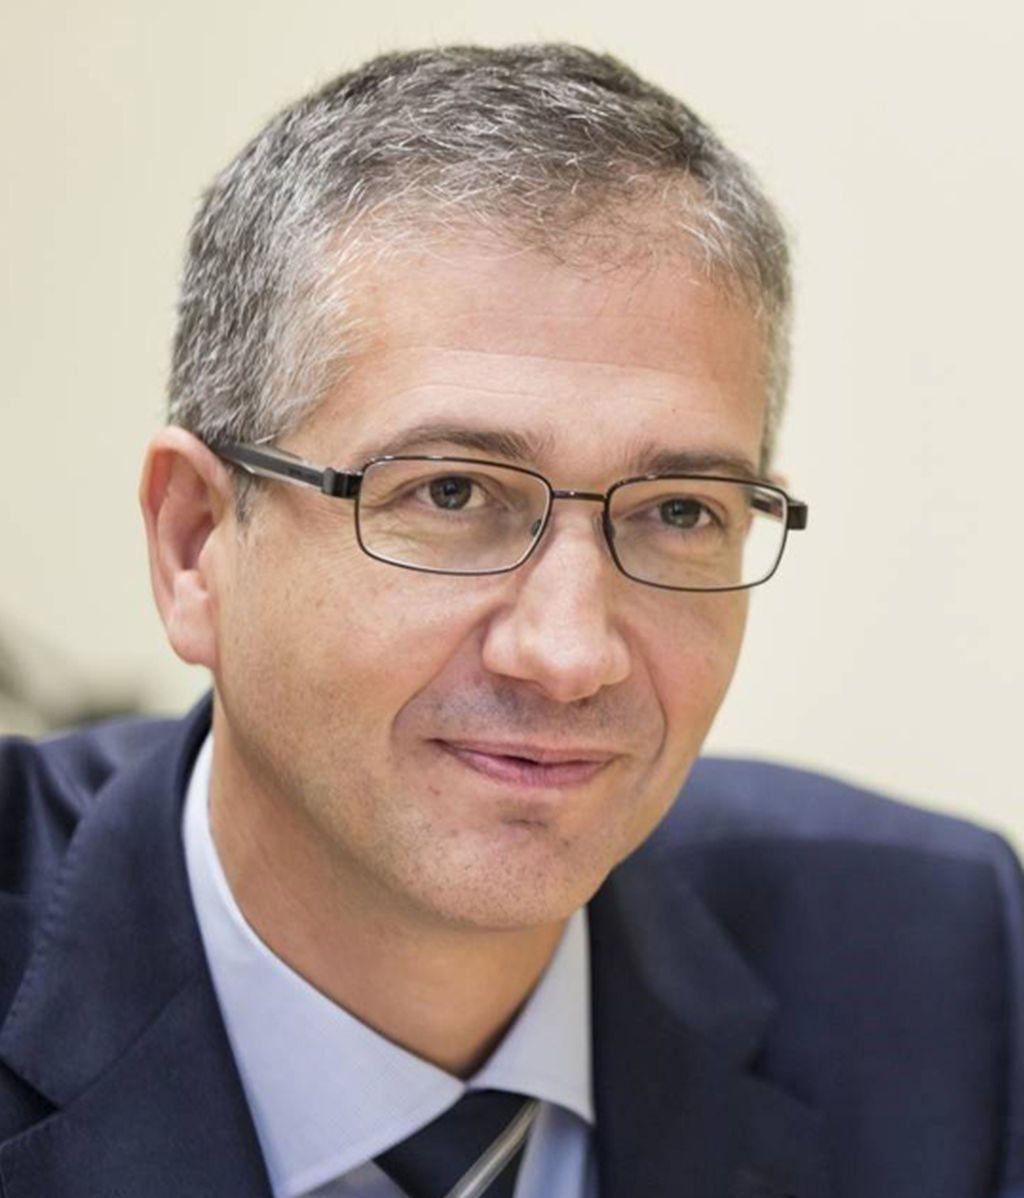 El Gobierno propondrá a Hernández de Cos como nuevo gobernador del Banco de España